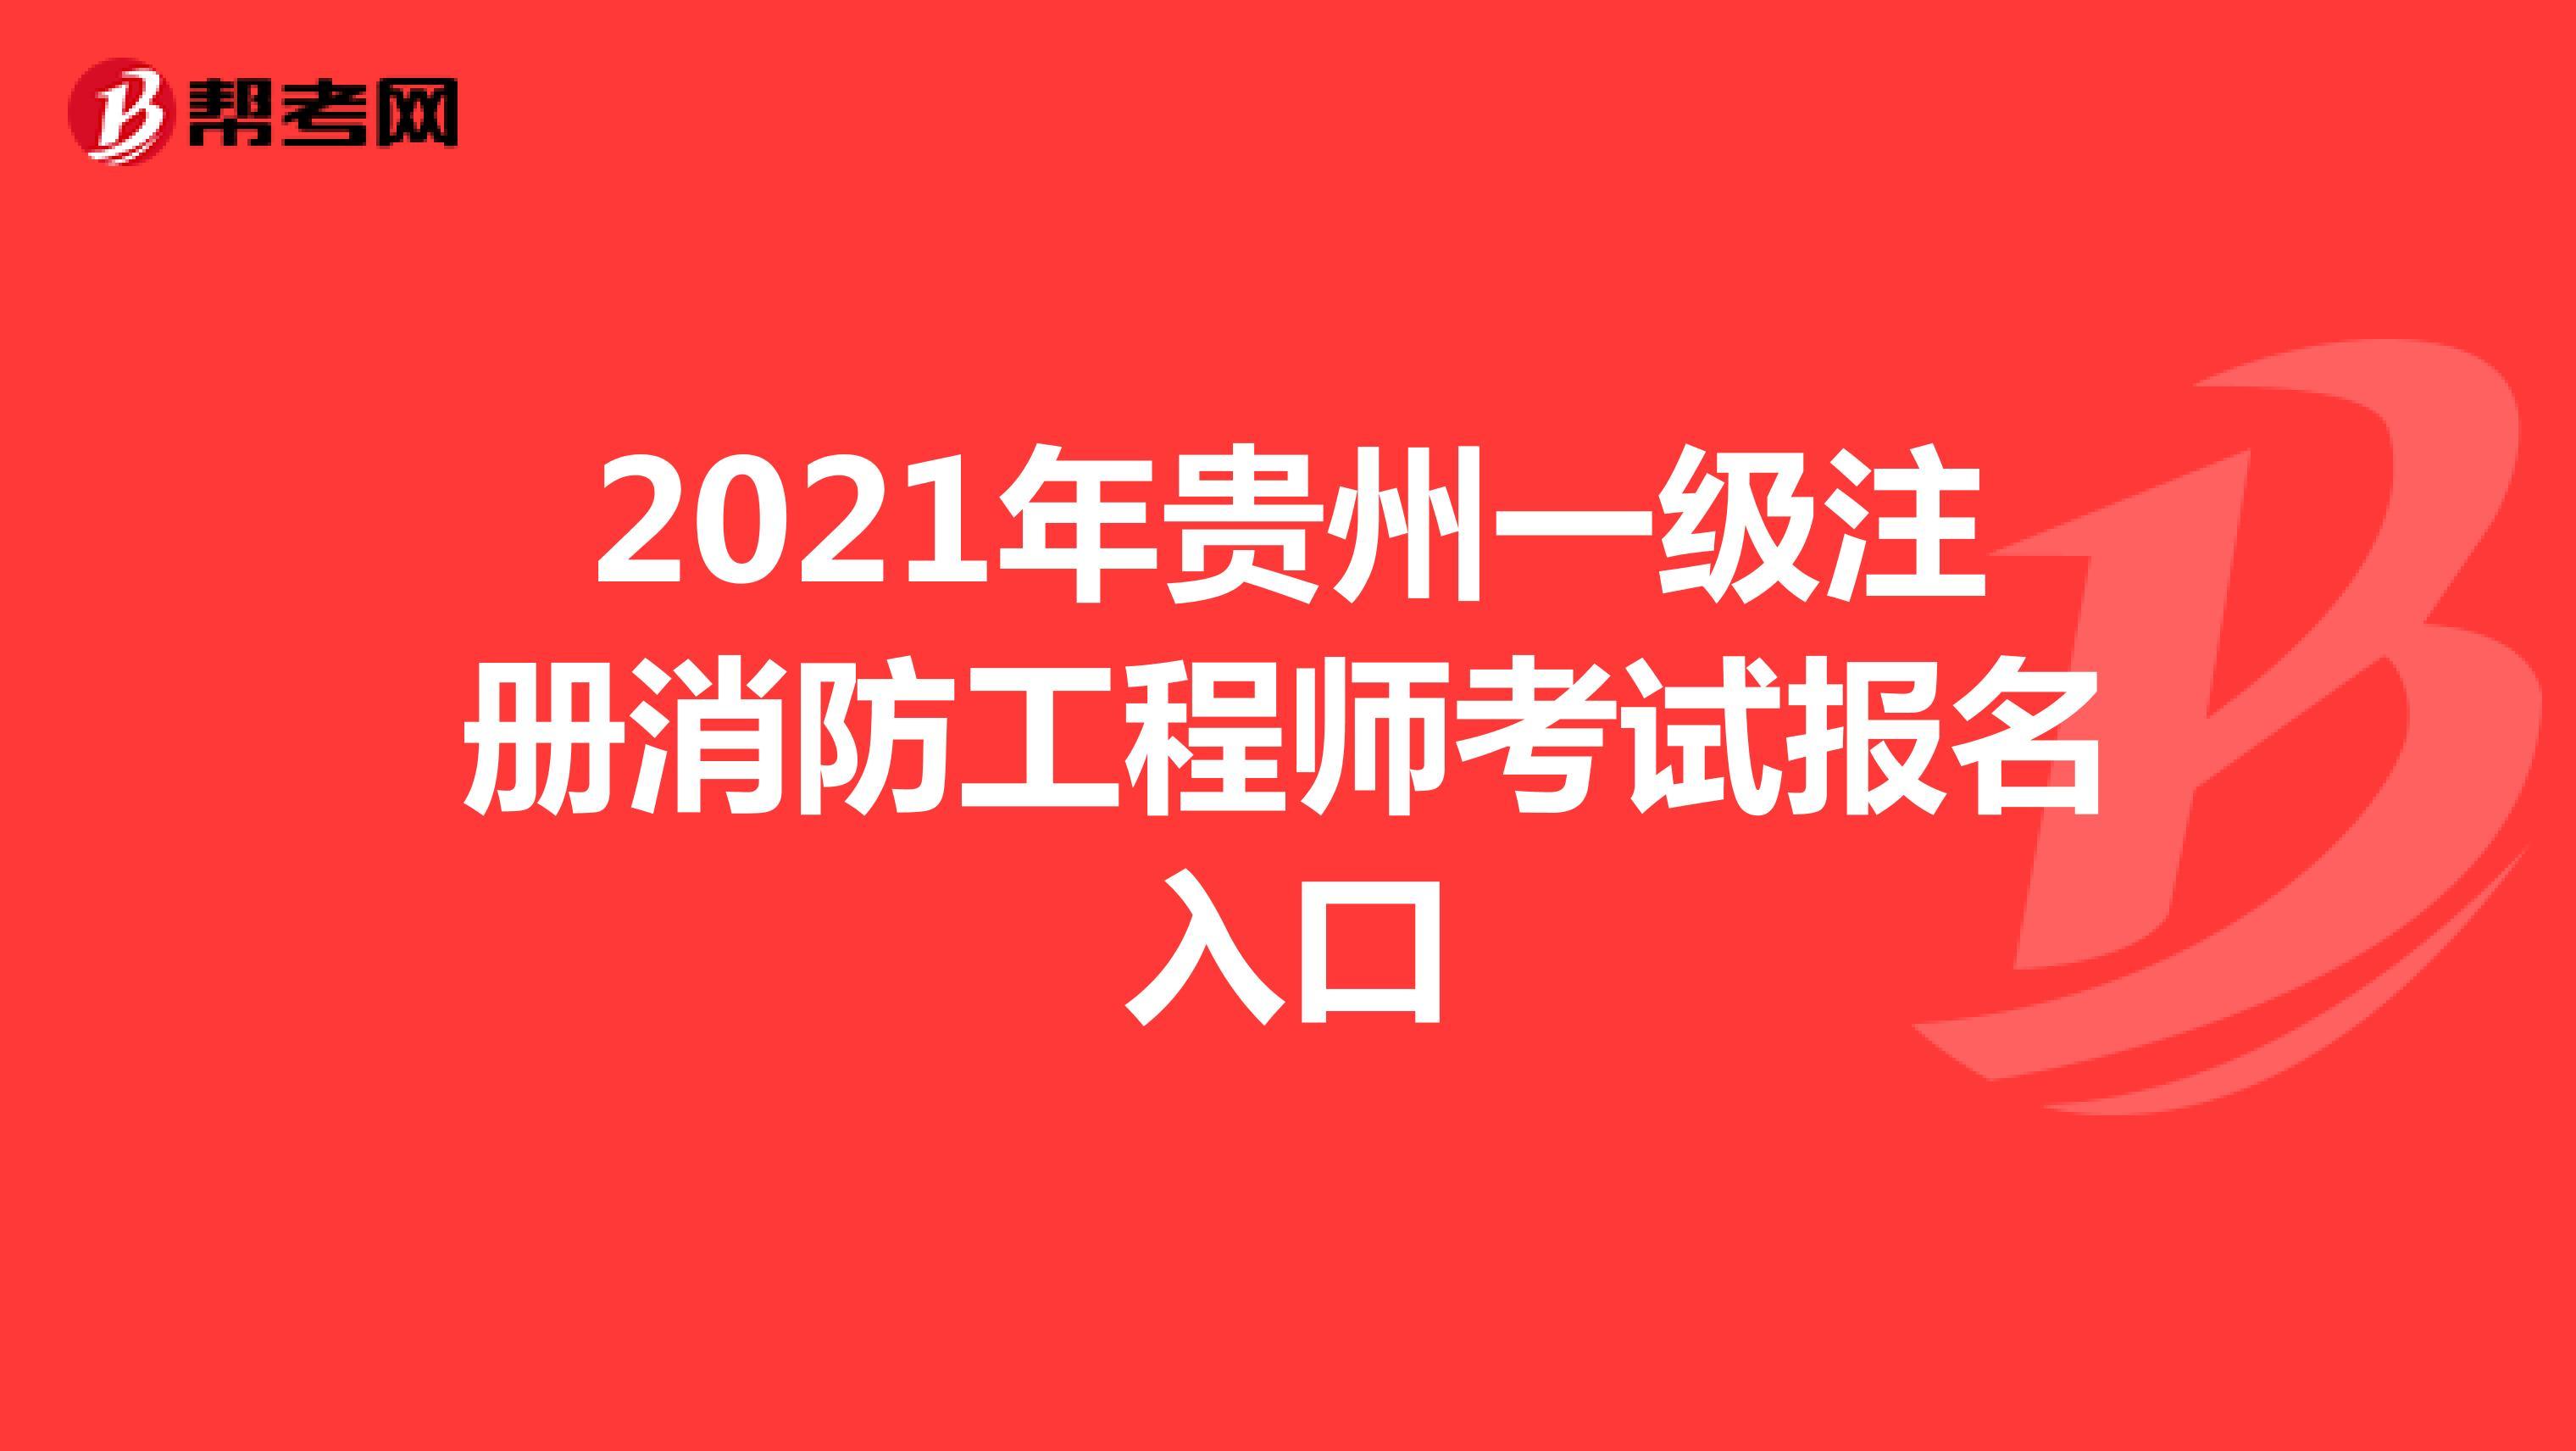 2021年贵州一级注册消防工程师考试报名入口